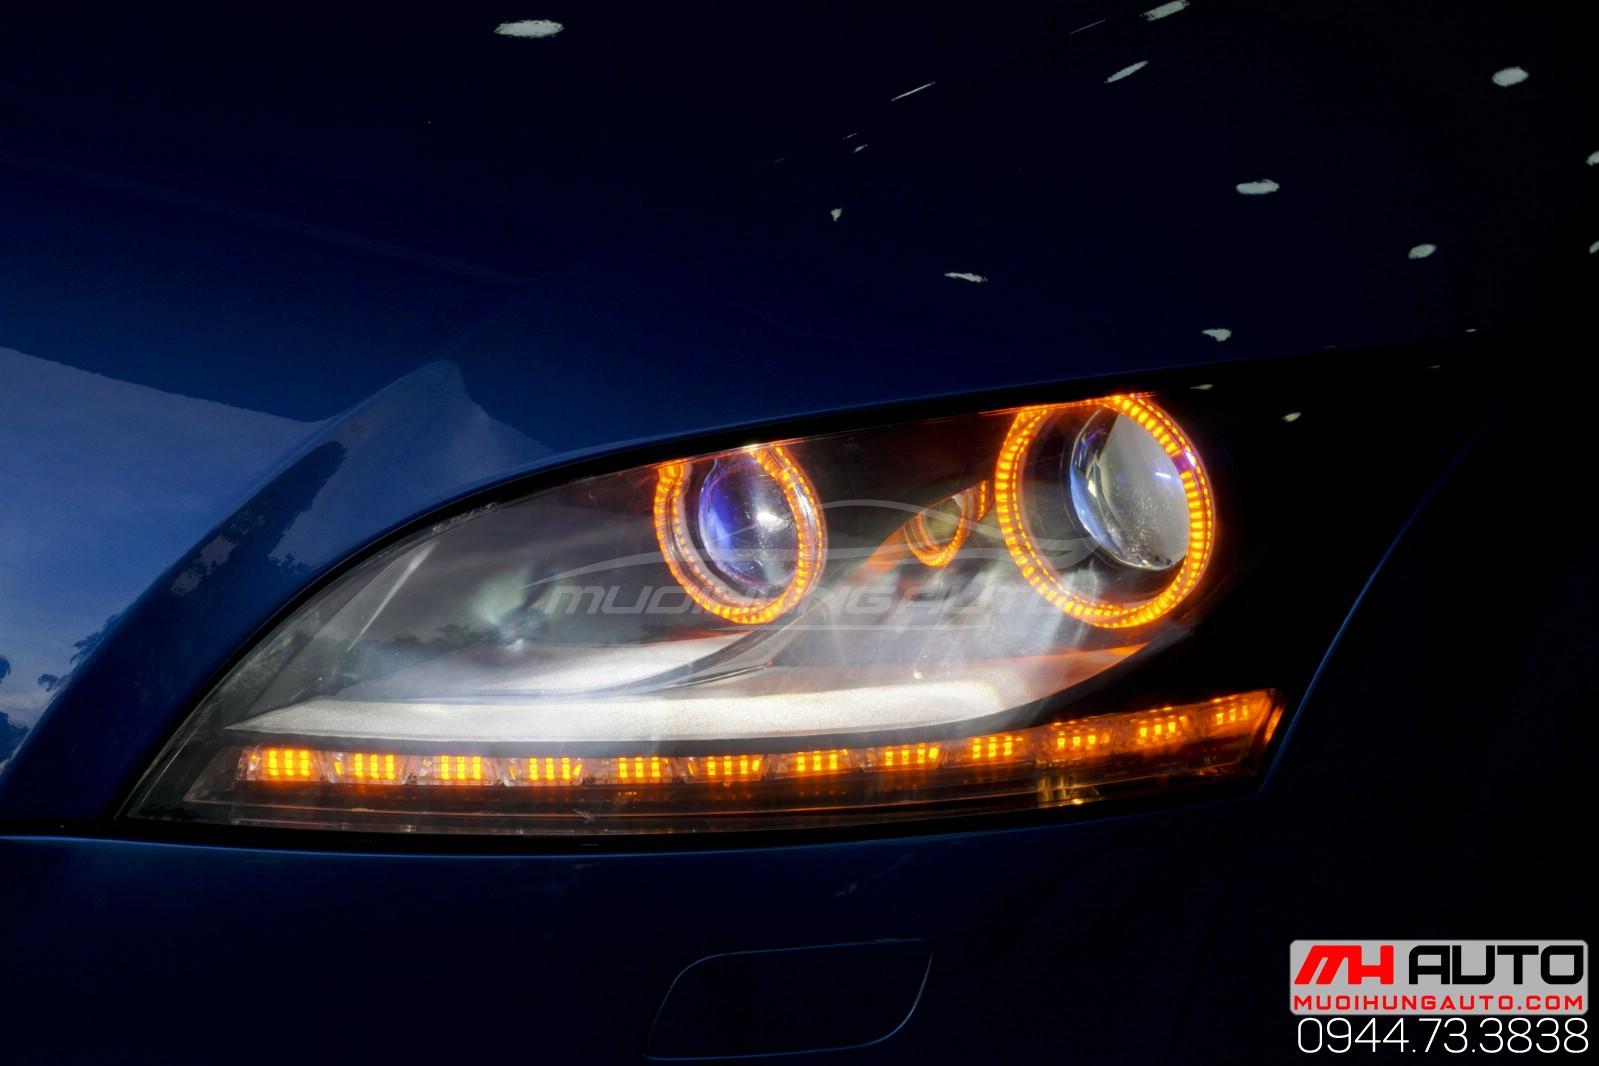 Audi TT độ đèn giá rẻ